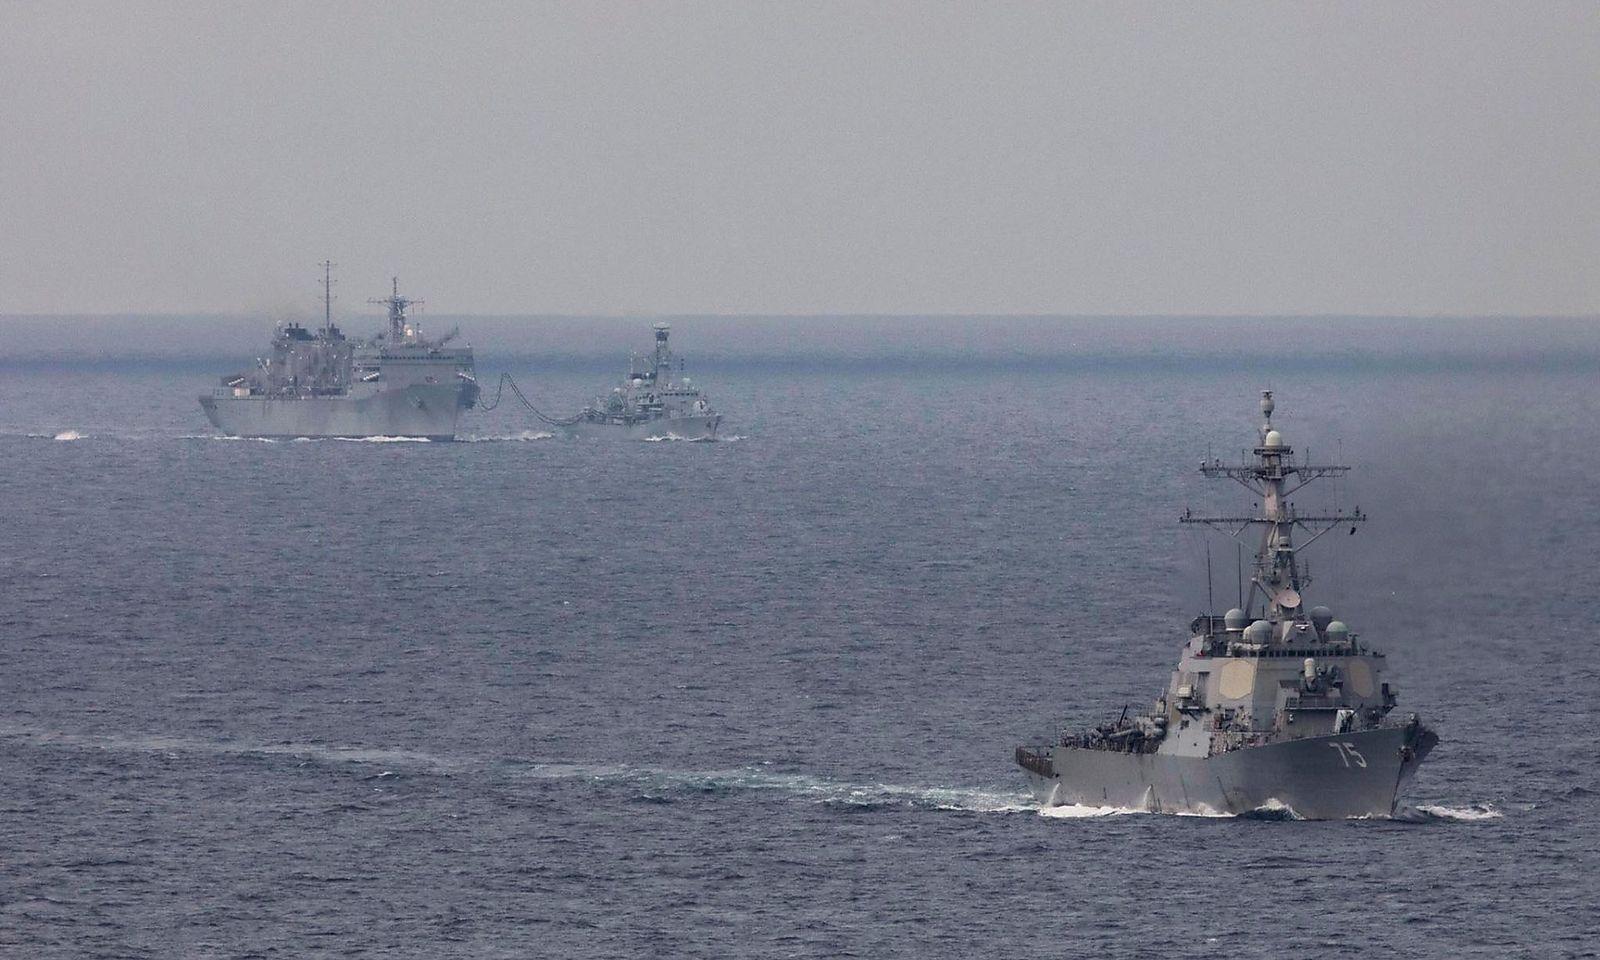 2020年4月在南中國海實施航行自由行動的美國兩艘軍艦。(美國海軍照片)